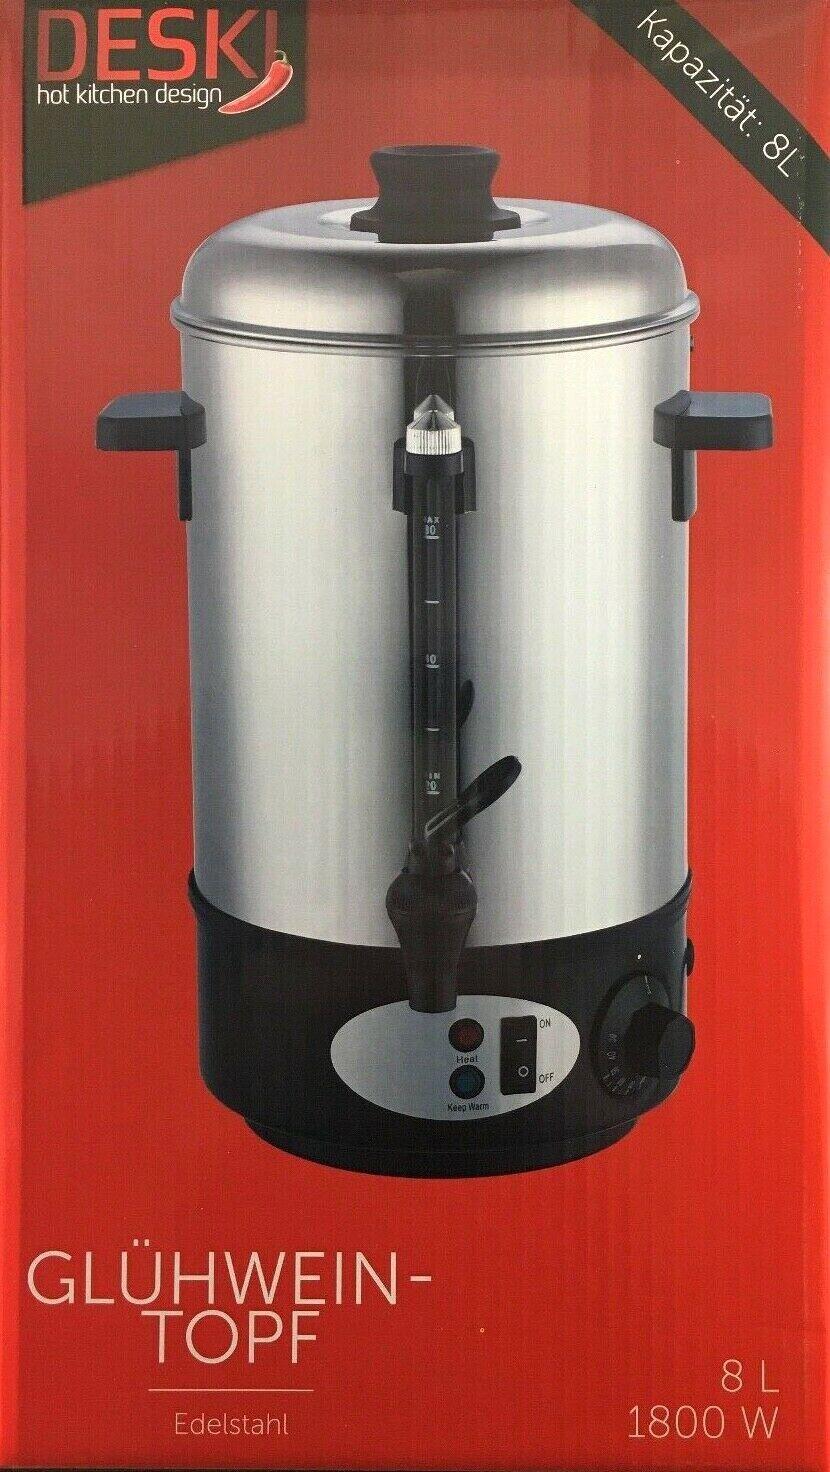 8 L Glühweinkocher Edelstahl 1800 Watt Teekocher Kessel 8 Liter oder Ersatzteile